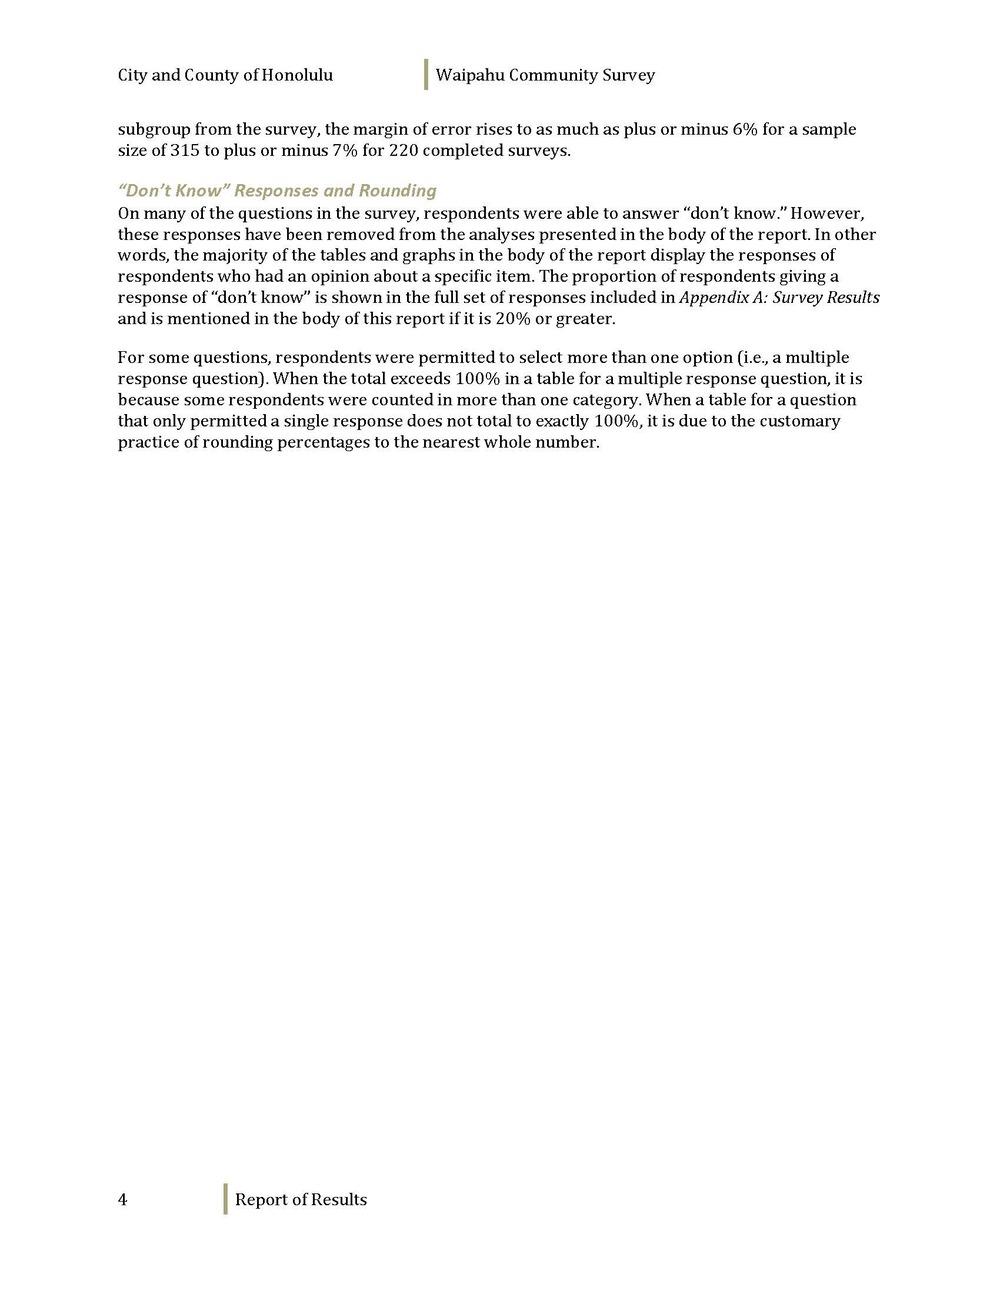 160608_WaipahuCommunitySurvey_Dec2012_Page_006.jpg